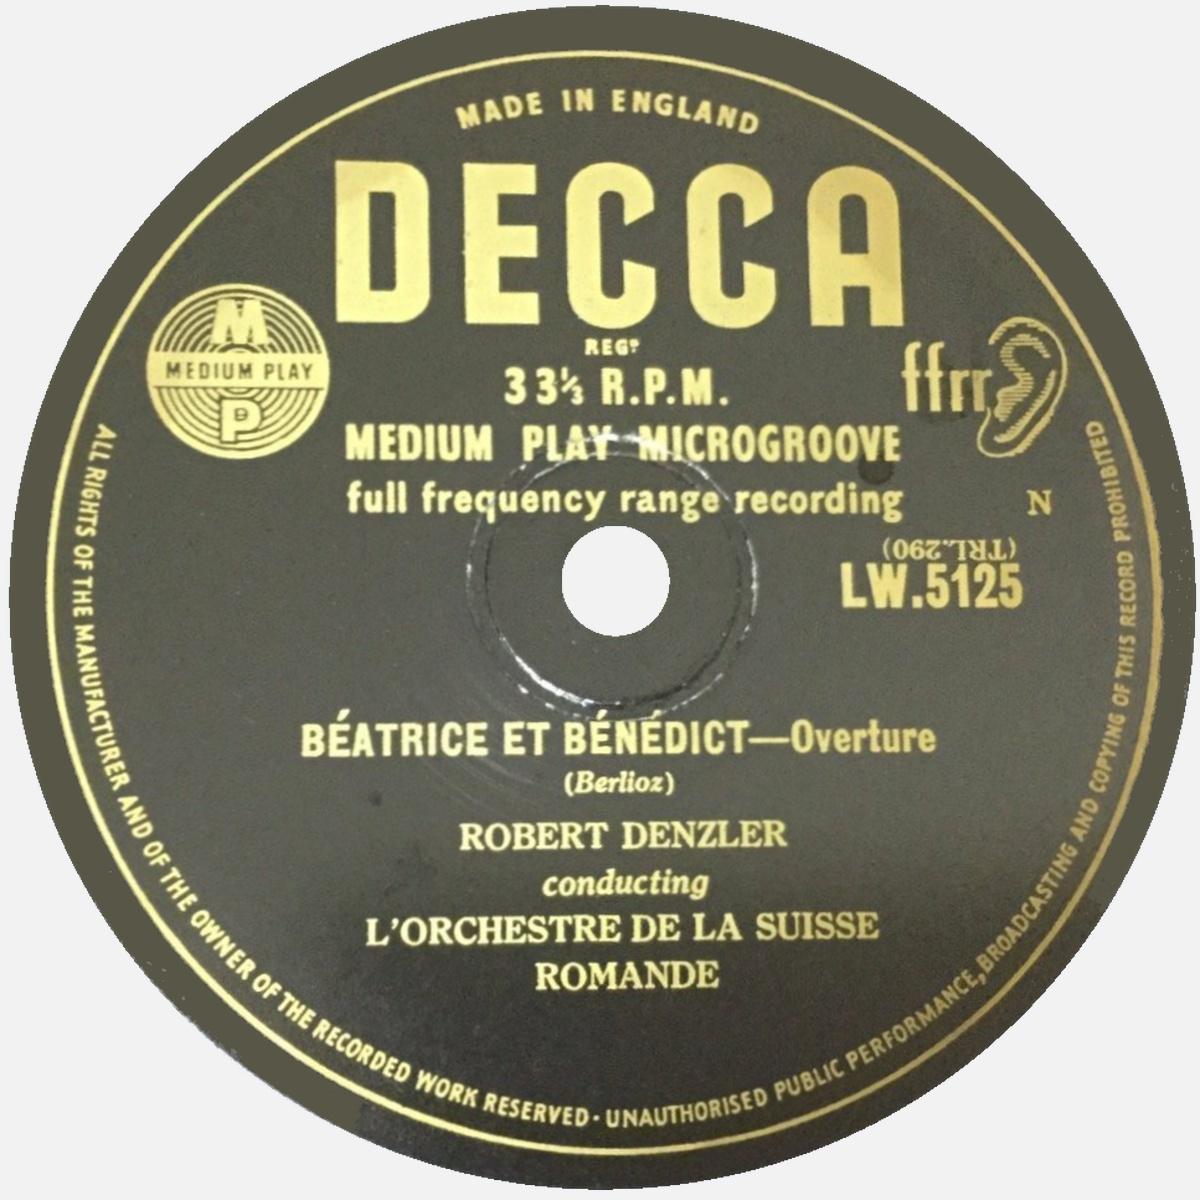 Étiquette du verso du disque Decca London LW 5125, Cliquer sur la photo pour une vue agrandie